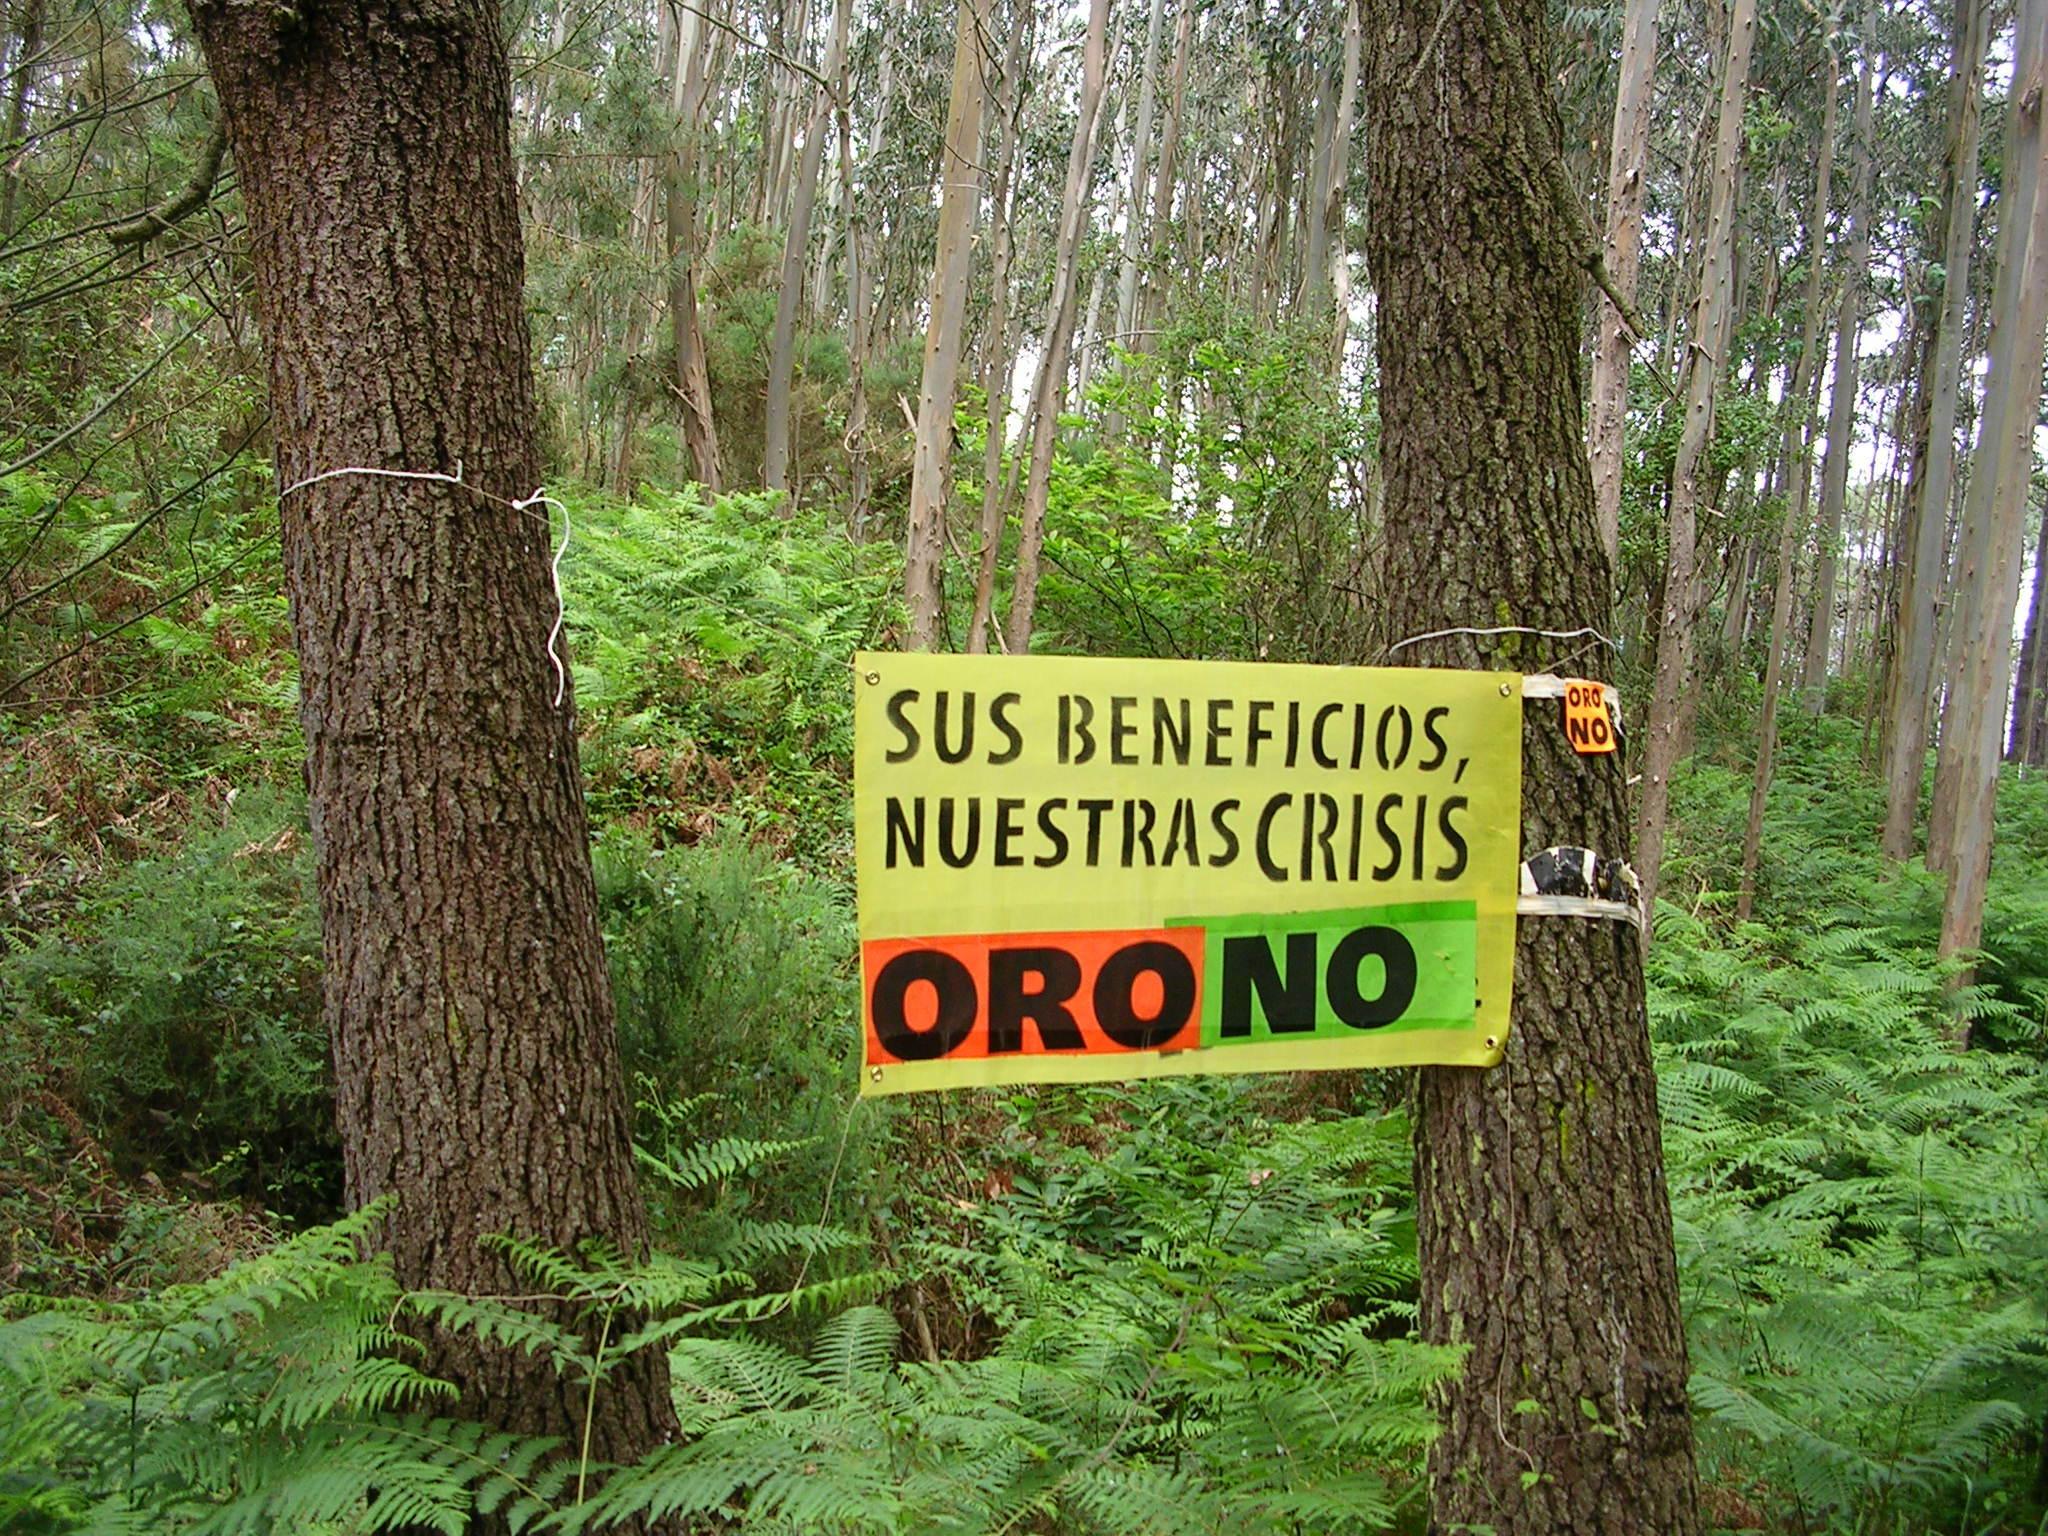 Coordinadora Ecoloxista y ORO NO rechazan nuevamente el proyecto presentando por EMC para la mina de oro de Salave (Tapia de Casariego)